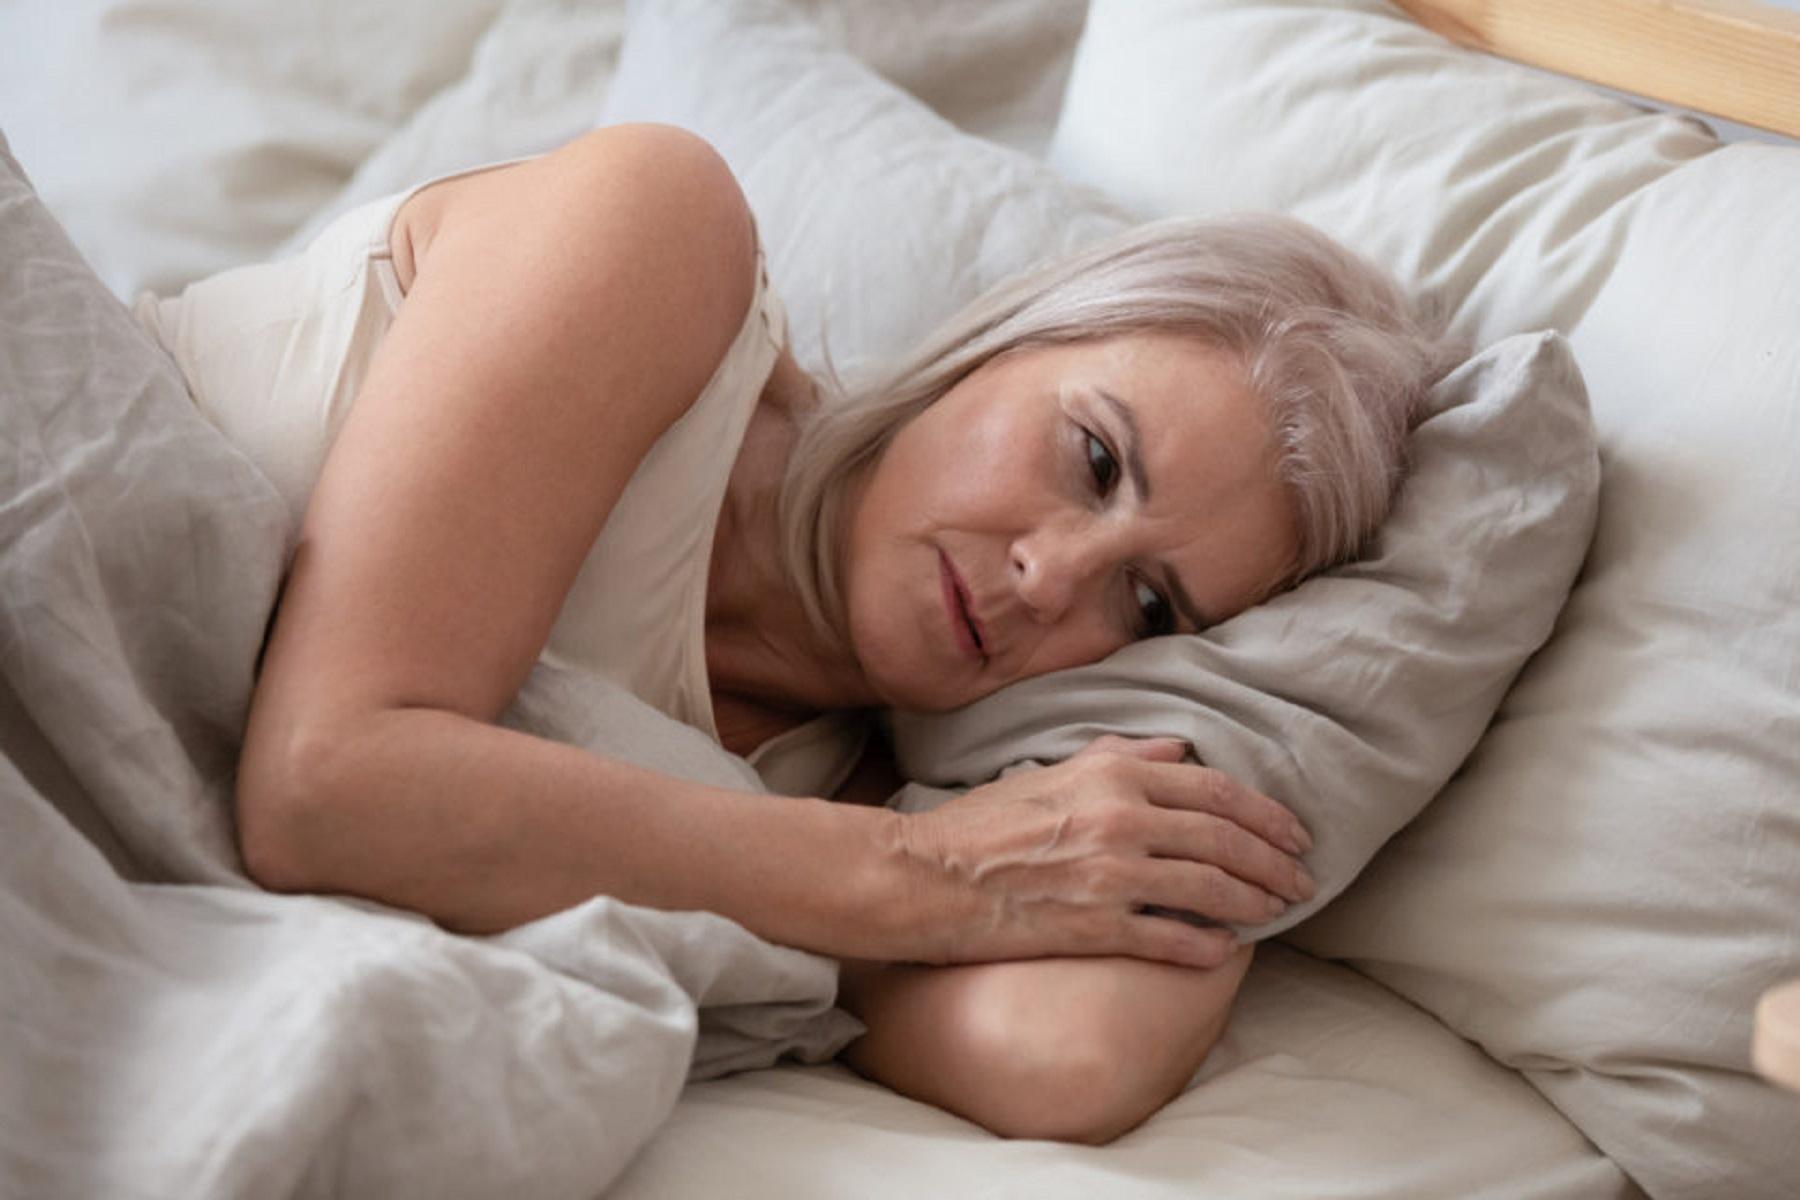 Γαλλία Έρευνα: Ο σύντομος ύπνος συμβάλλει σε μεγαλύτερο κίνδυνο άνοιας